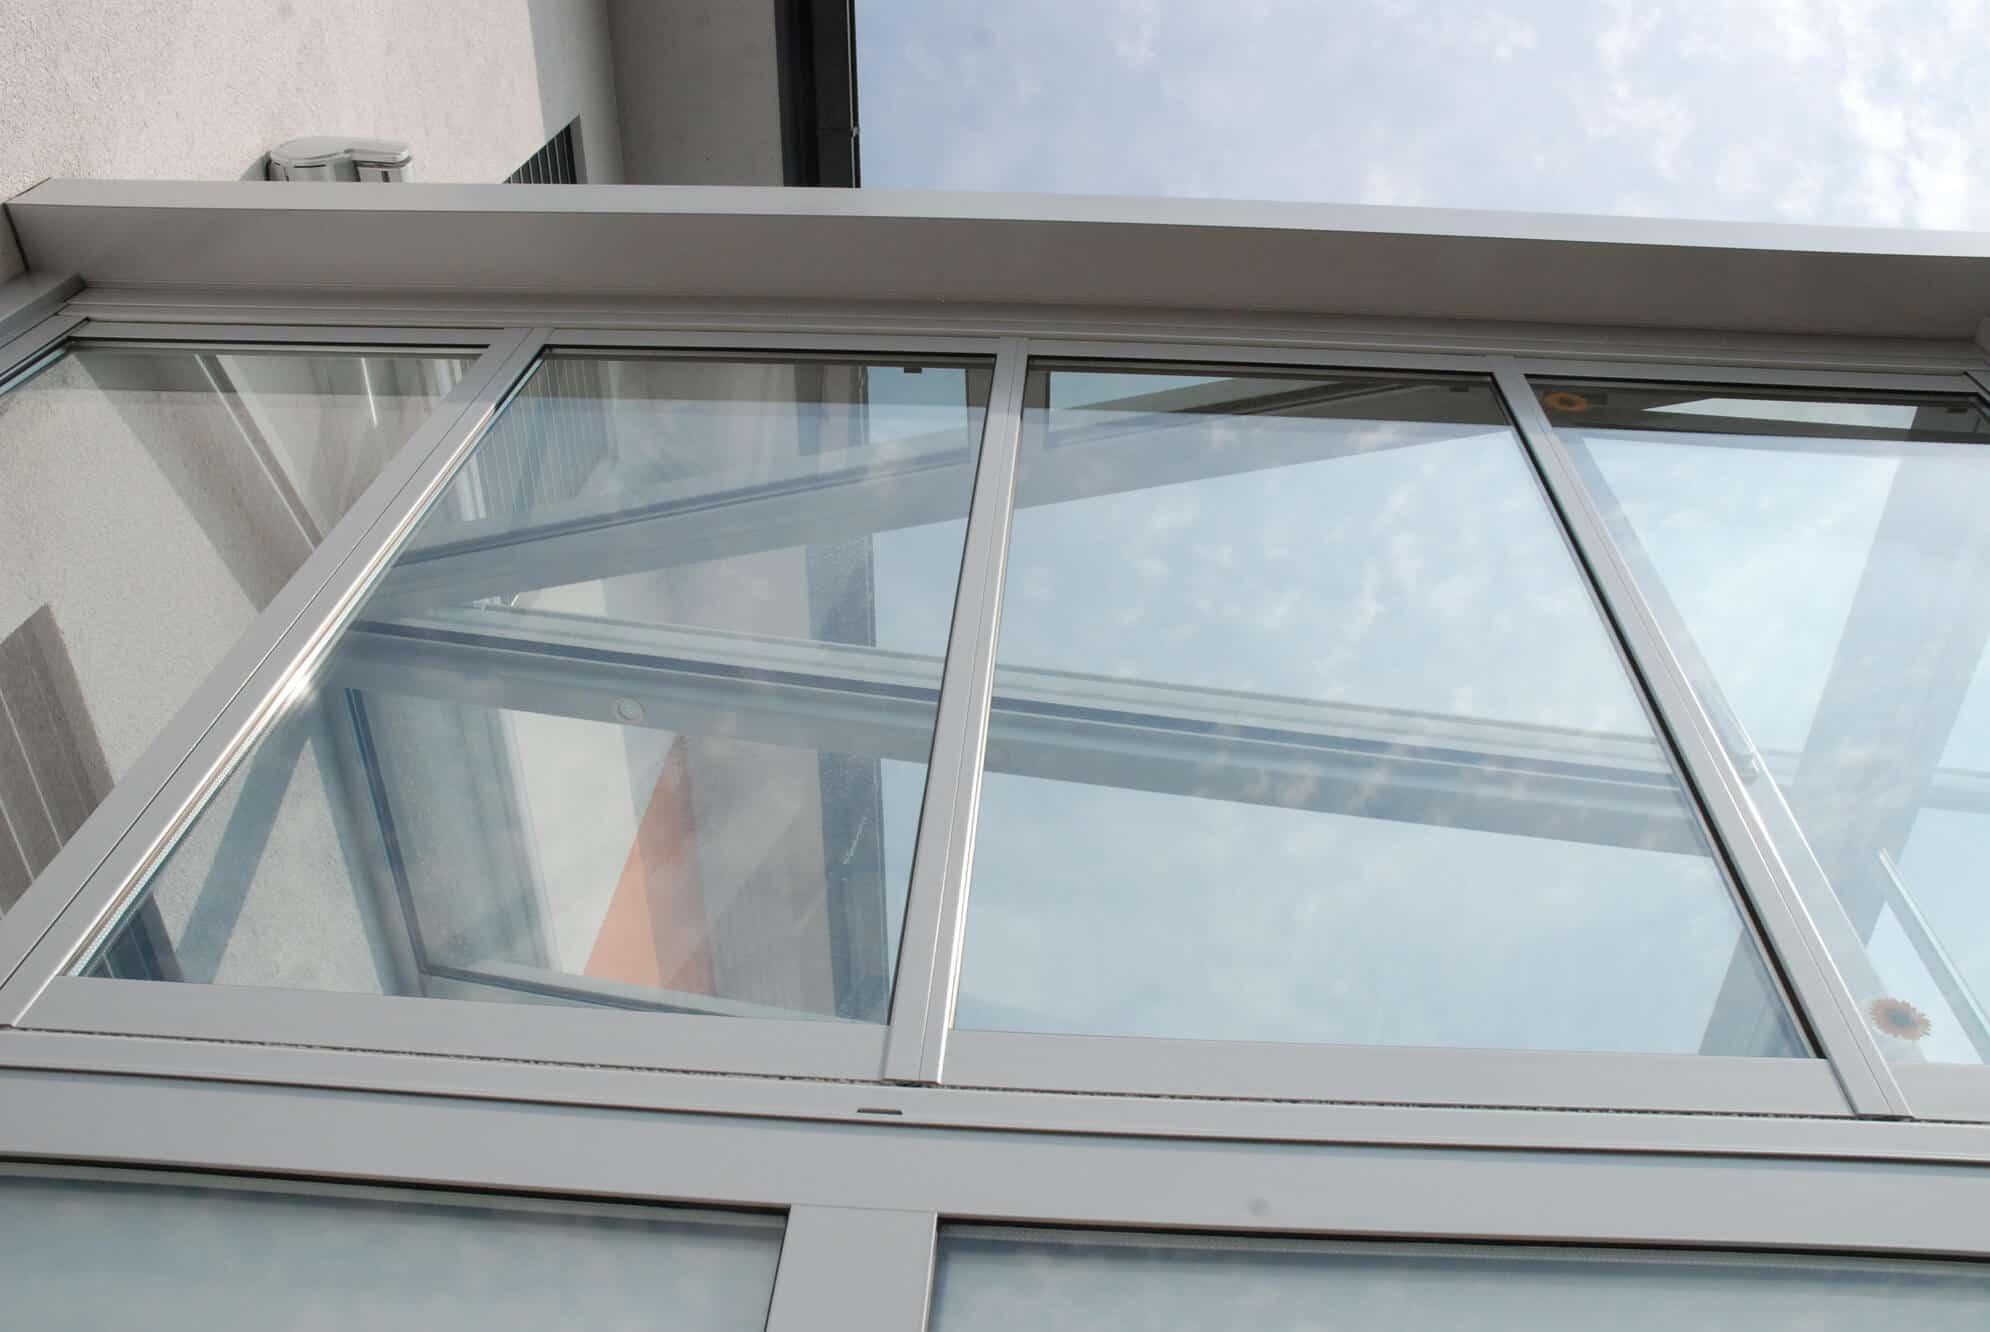 Wintergarten Schiebe-Dreh-Fenster